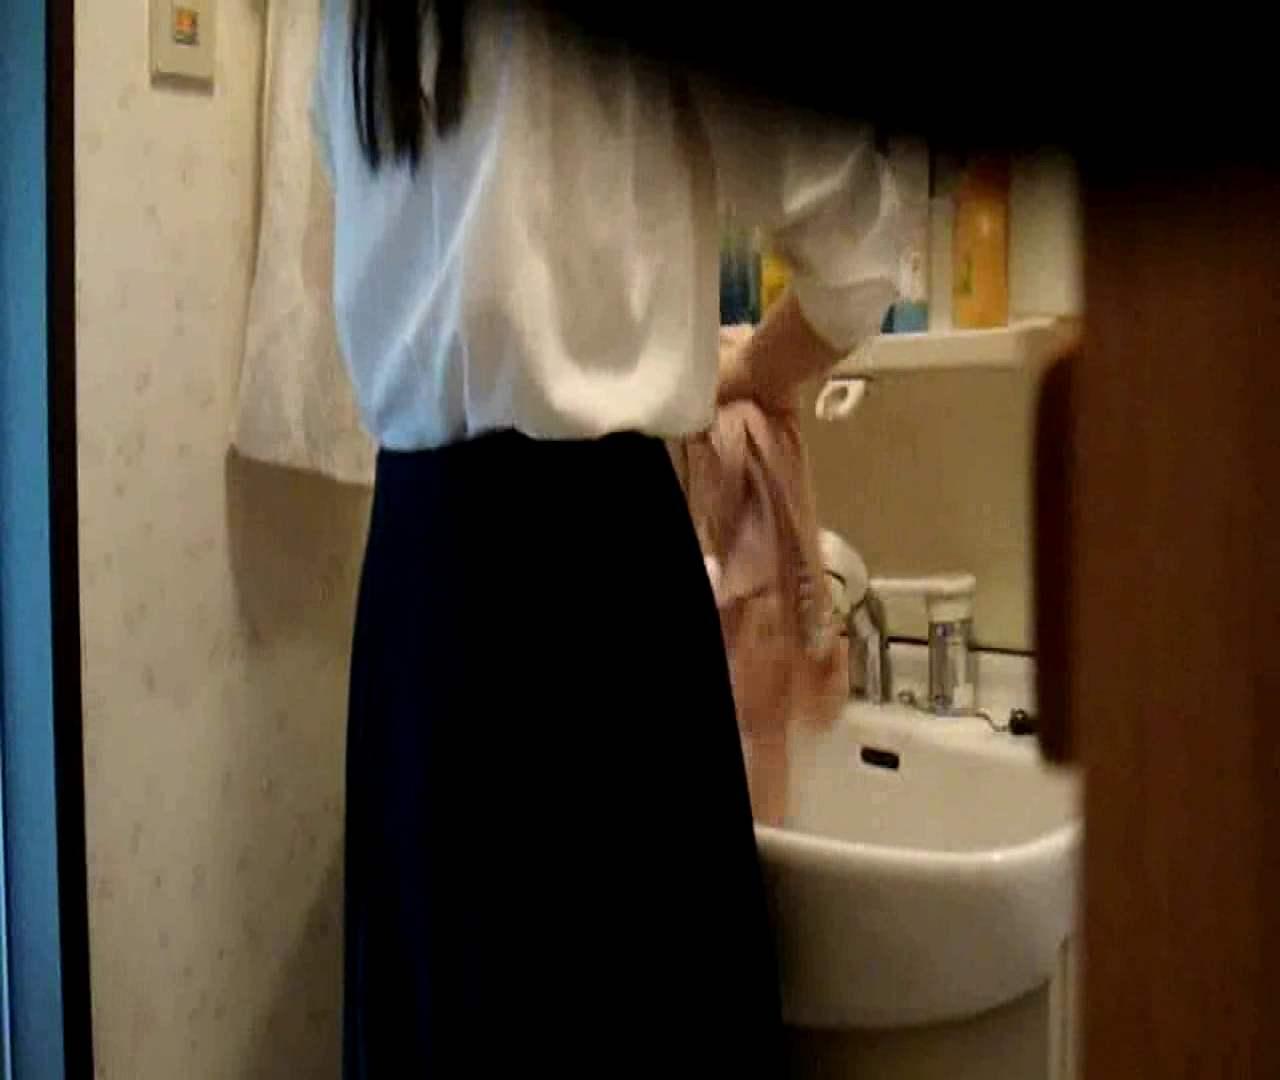 二人とも育てた甲斐がありました… vol.05 まどかが洗顔後にブラを洗濯 盗撮特集   おまんこ  86画像 15